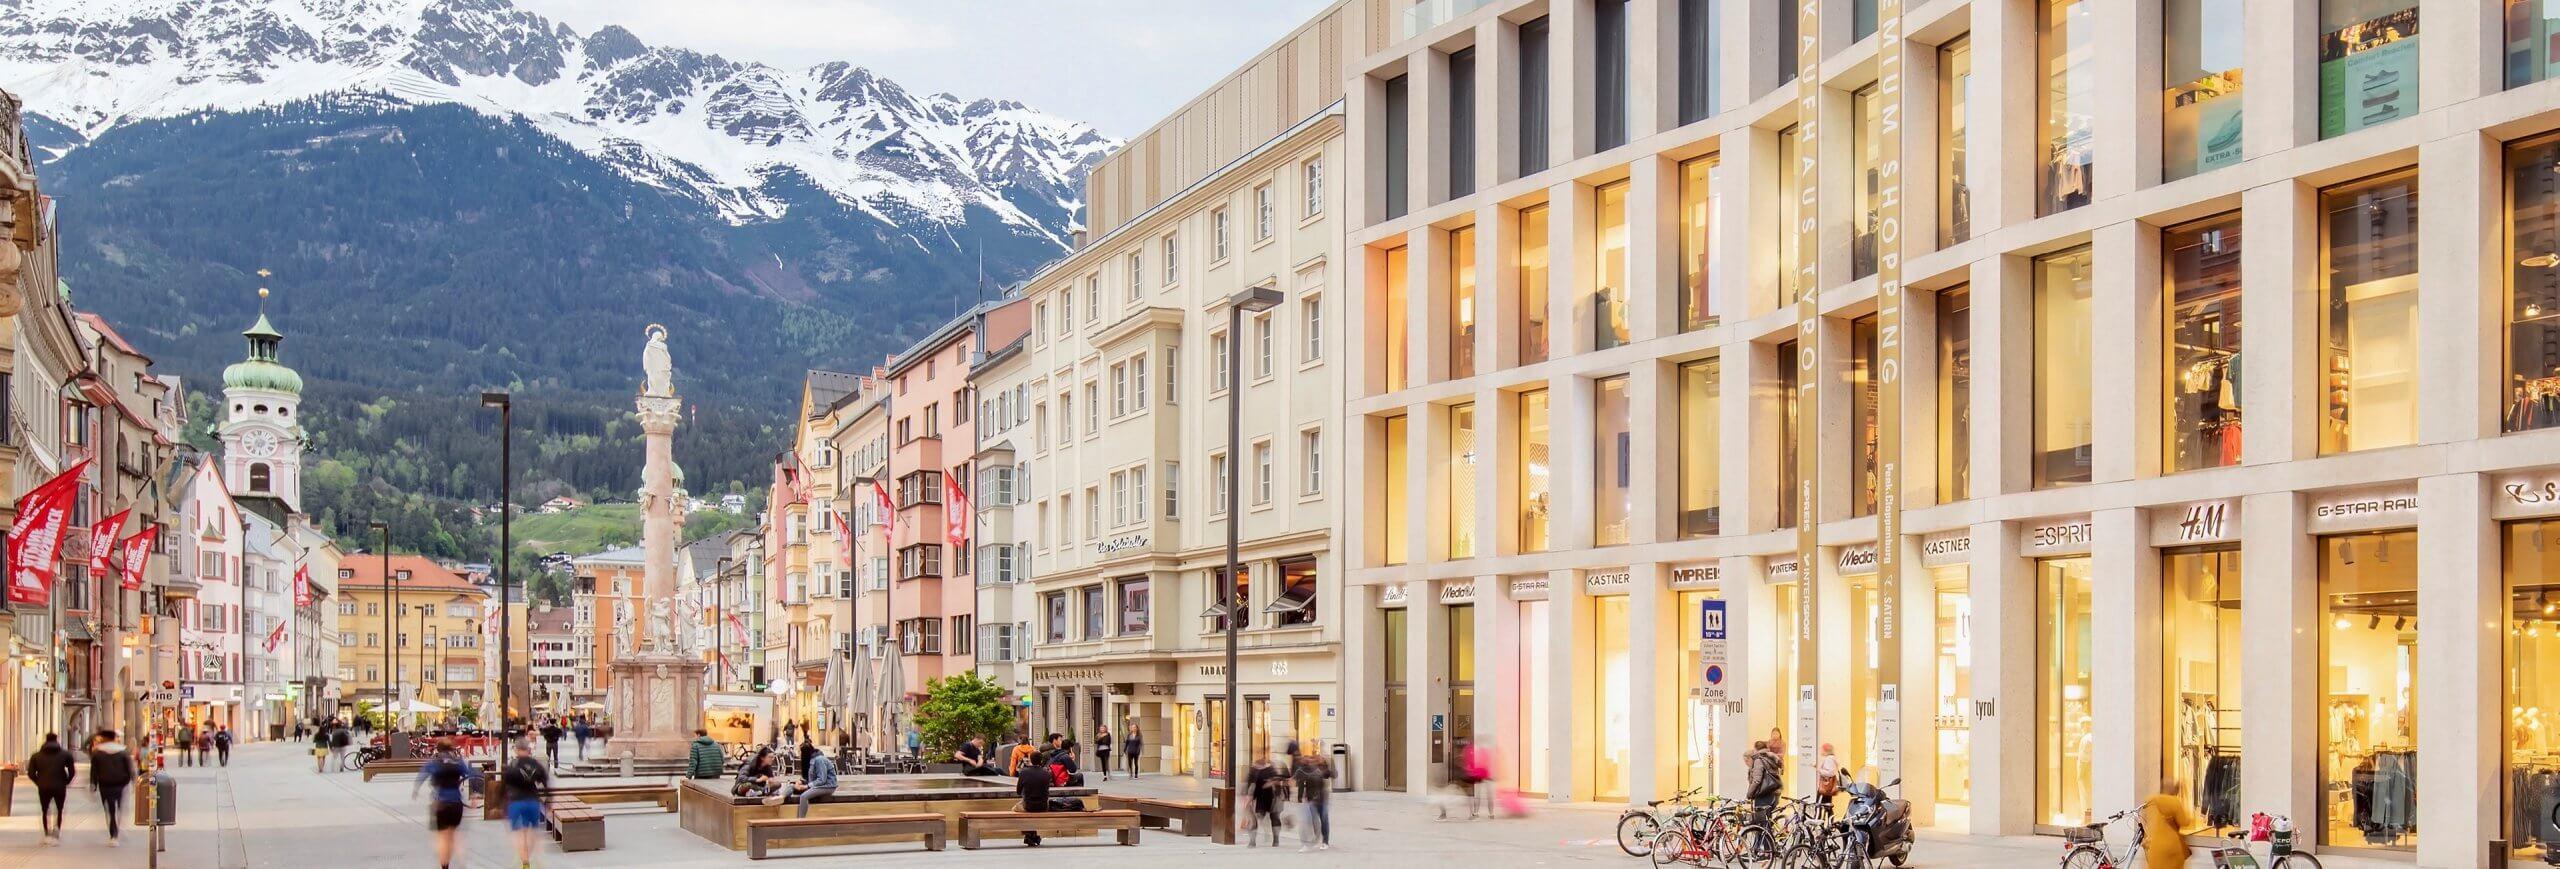 Fassade KAufhaus Tyrol und Maria Theresien Straße mit Blick auf die Nordkette